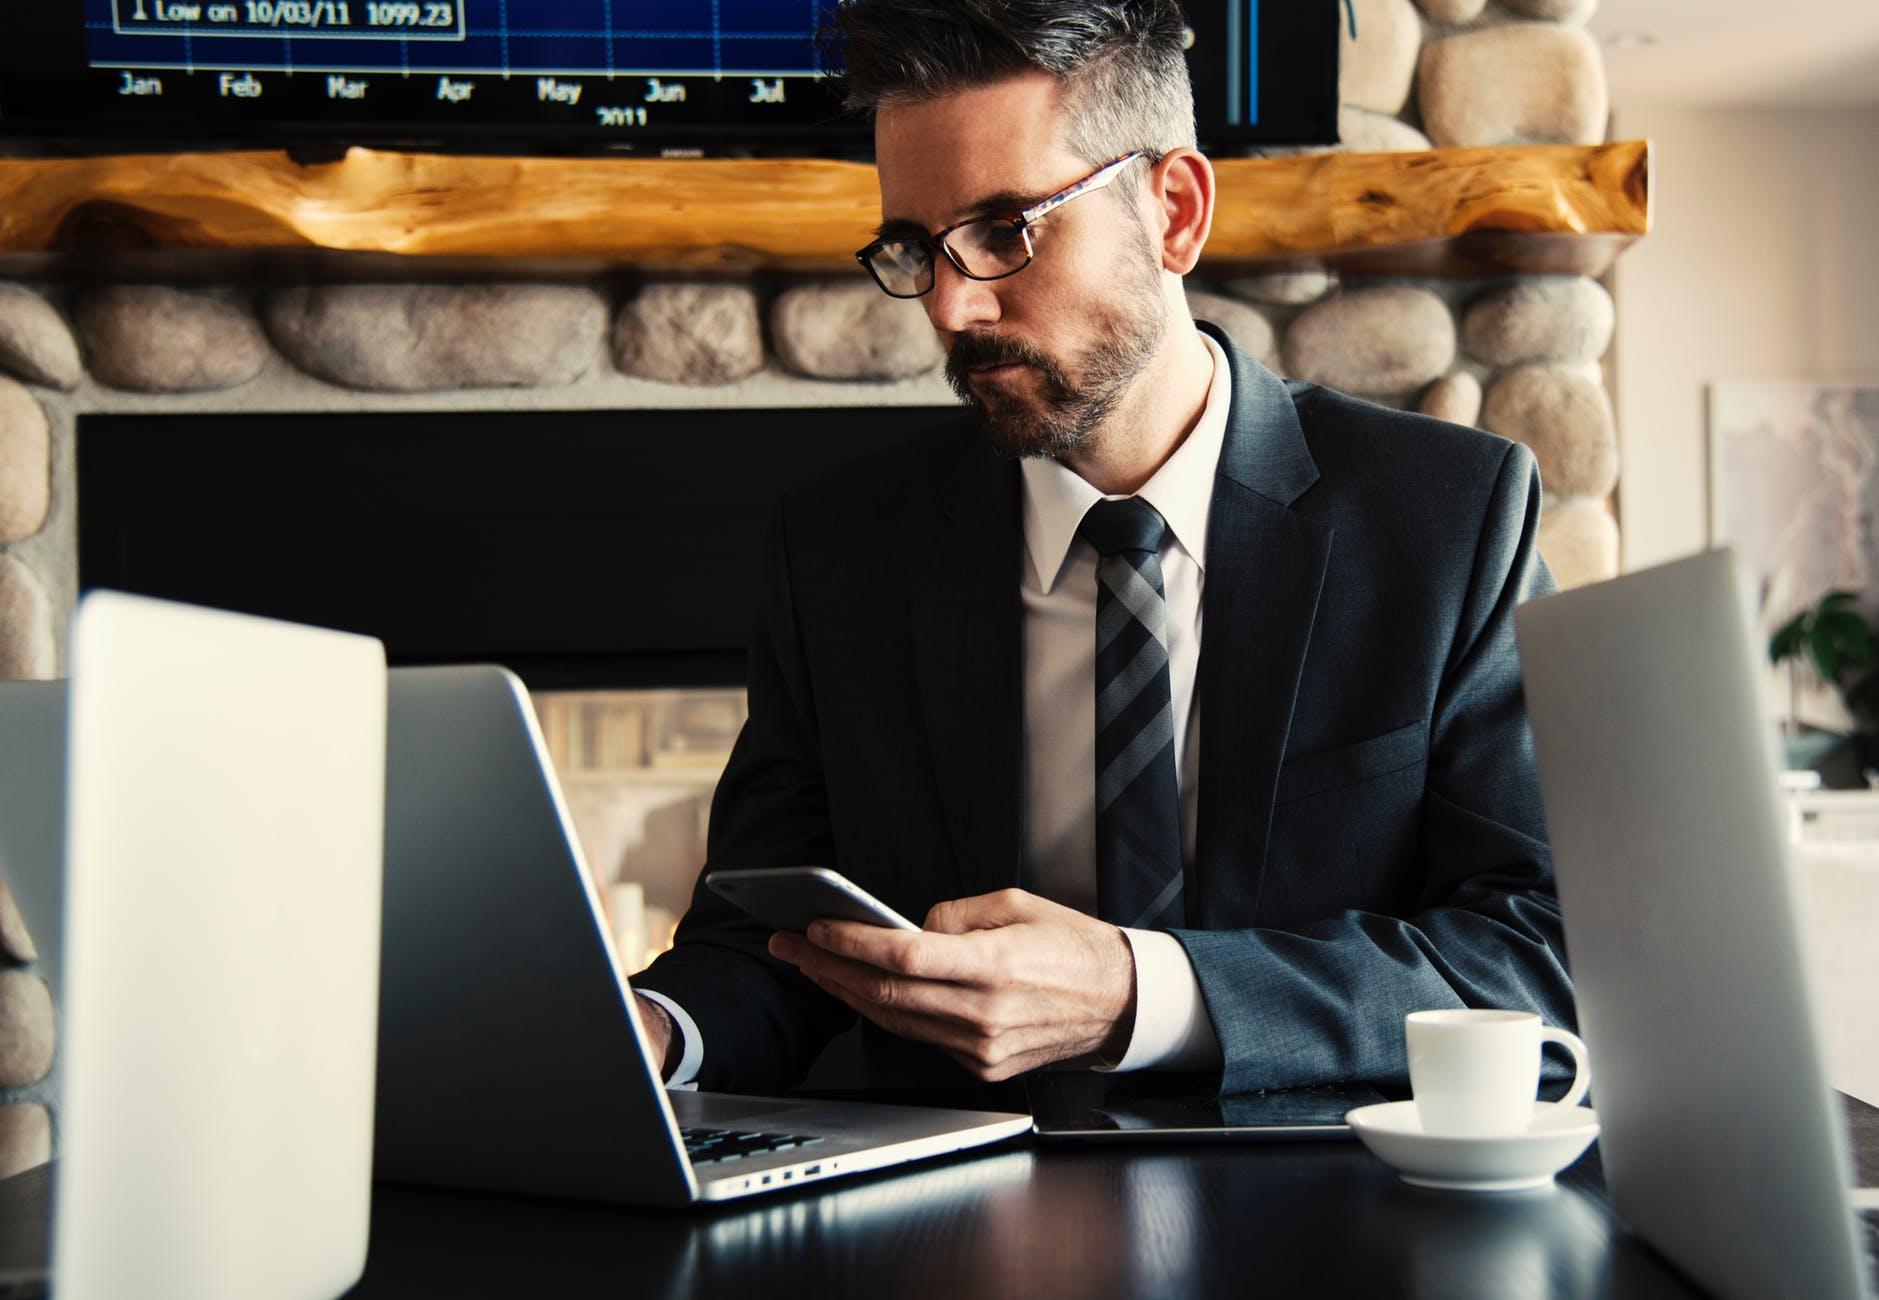 3 tendencias de cómo la tecnología está cambiando la forma de trabajar